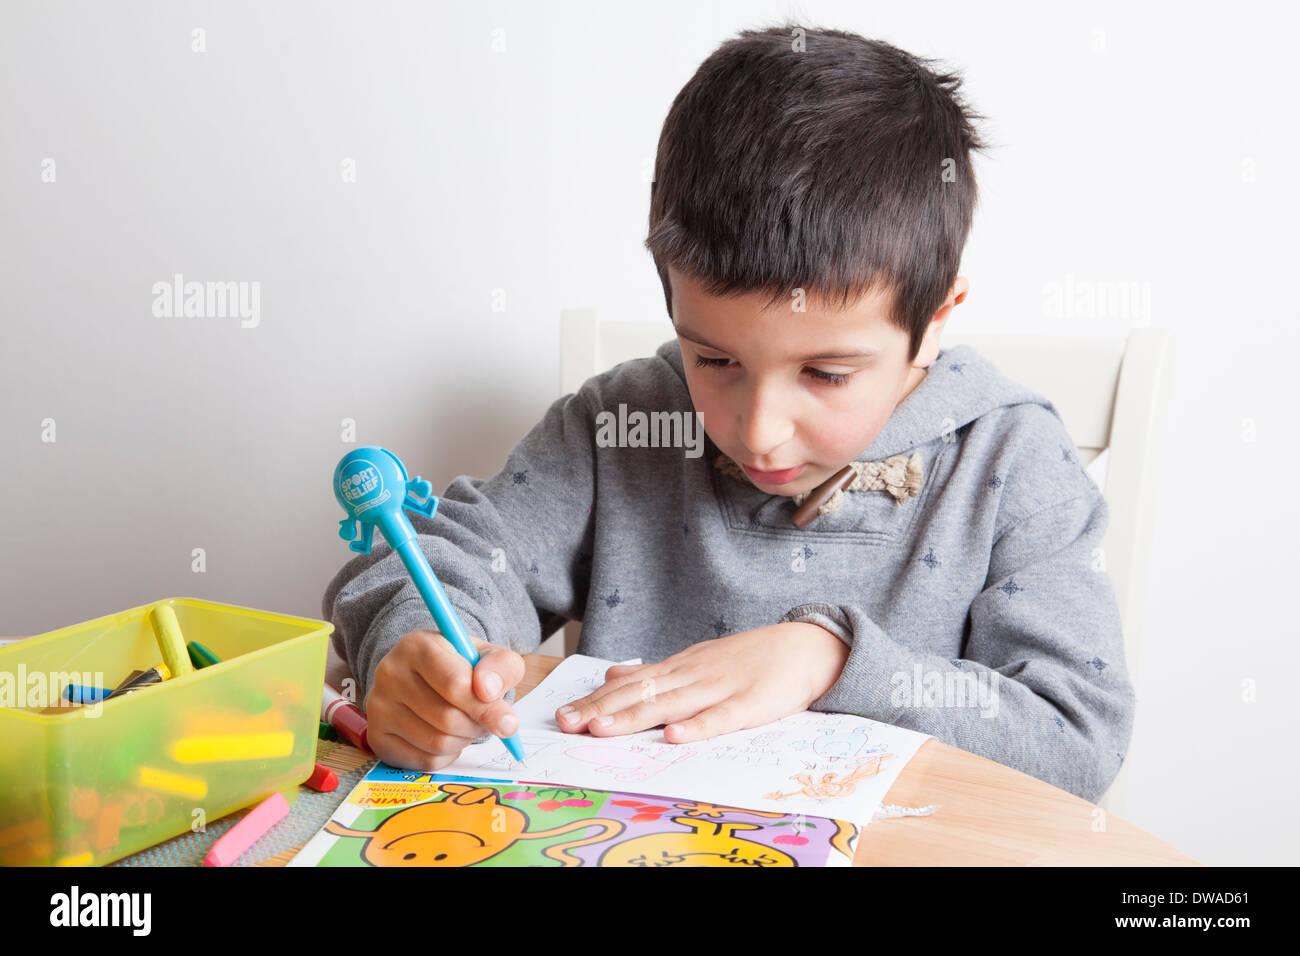 Chico dibuja una imagen Imagen De Stock